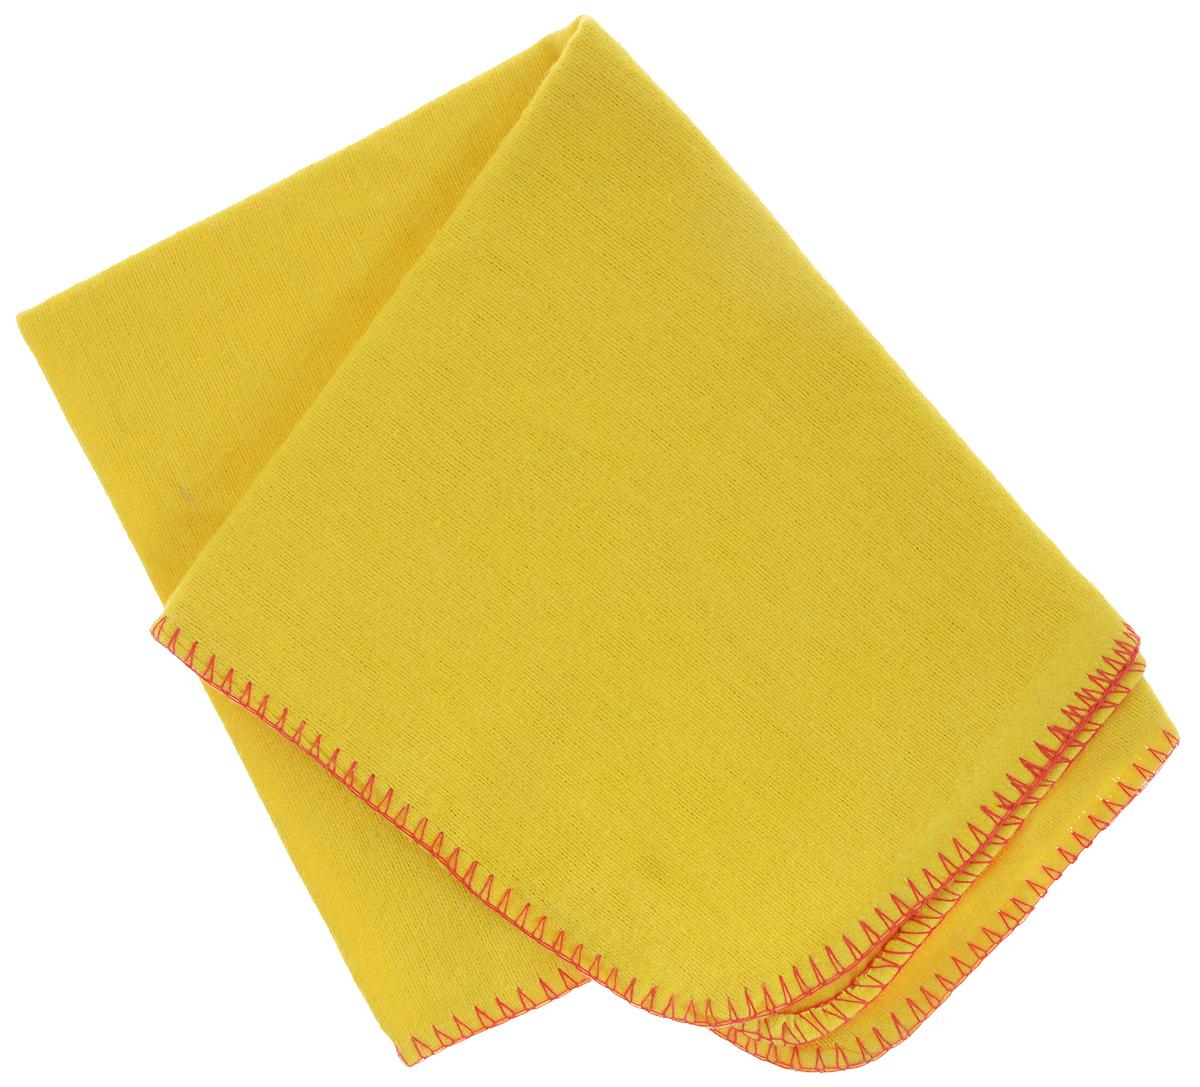 Ткань полировальная Doctor Wax, для профессиональной чистки и полировки кузова, 60 x 35 см полироль защита очищающая doctor wax для старых покрытий 227 г